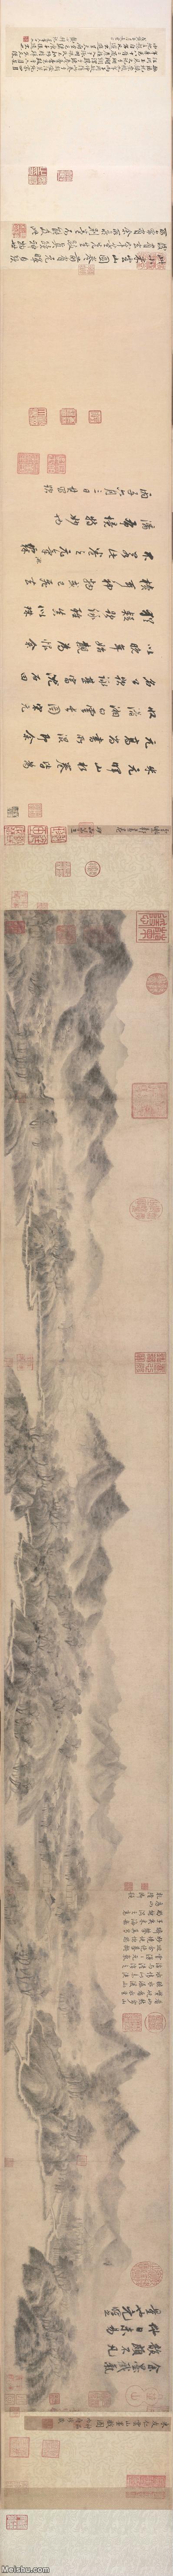 【欣赏级】GH7270753古画宋-米友仁-云山墨戏图卷B版长卷图片-83M-20806X1400_1314308.jp